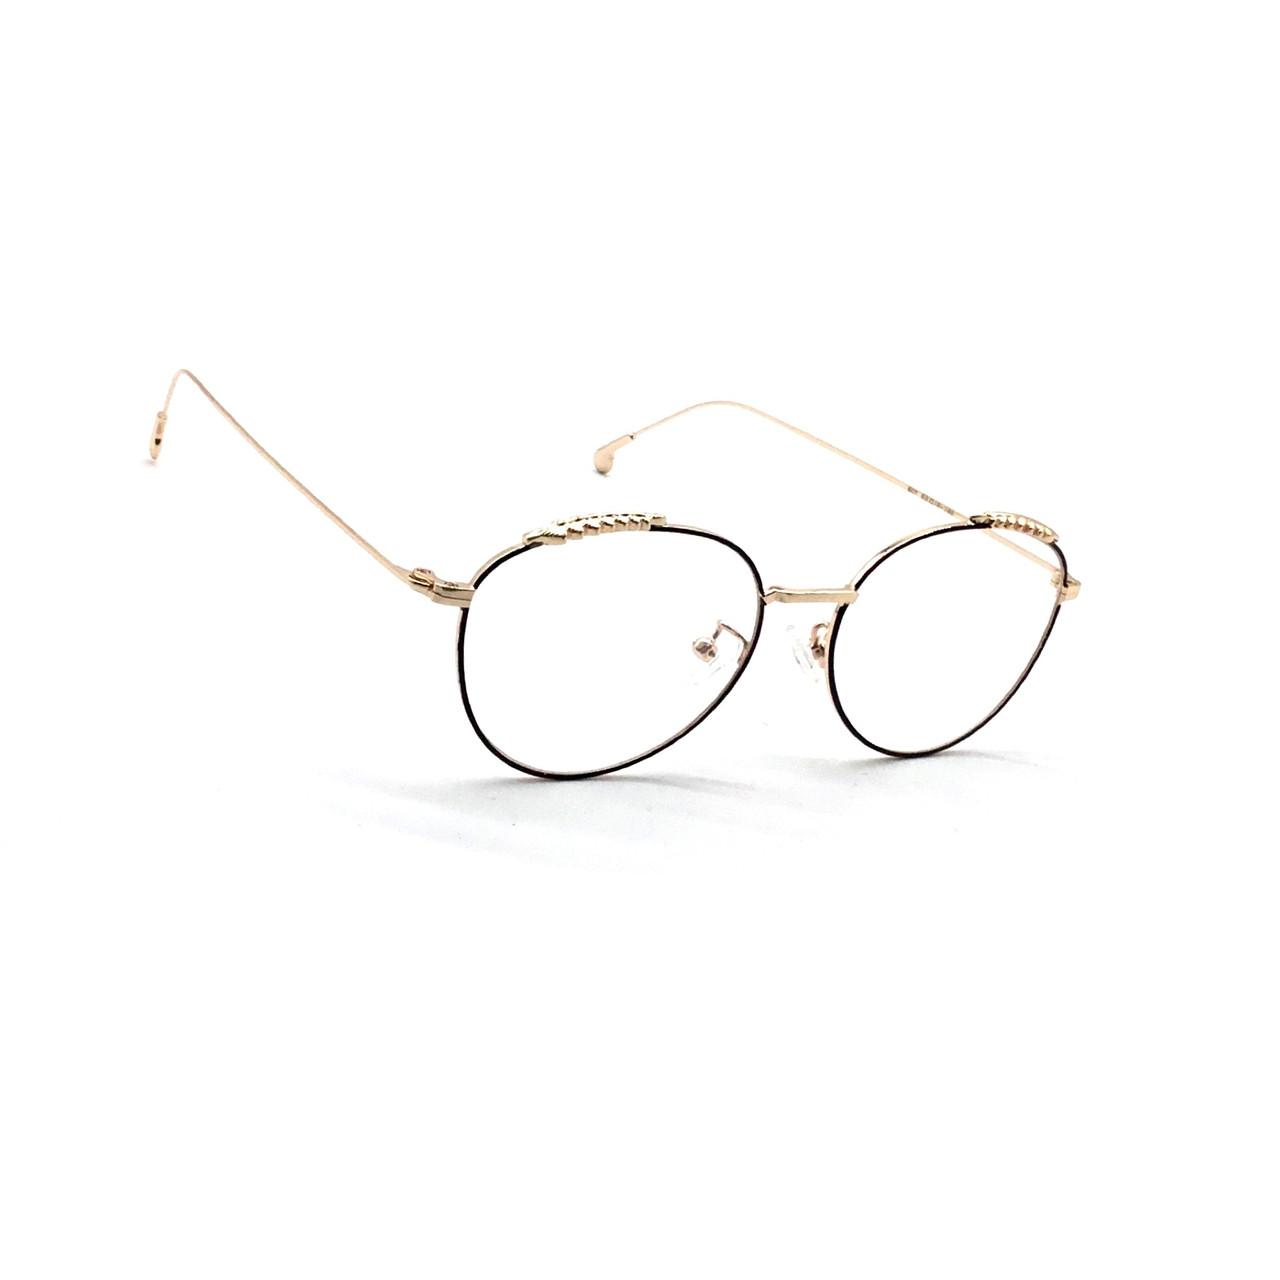 Комп'ютерні окуляри з полімерної лінзою 507 чорний з золотом